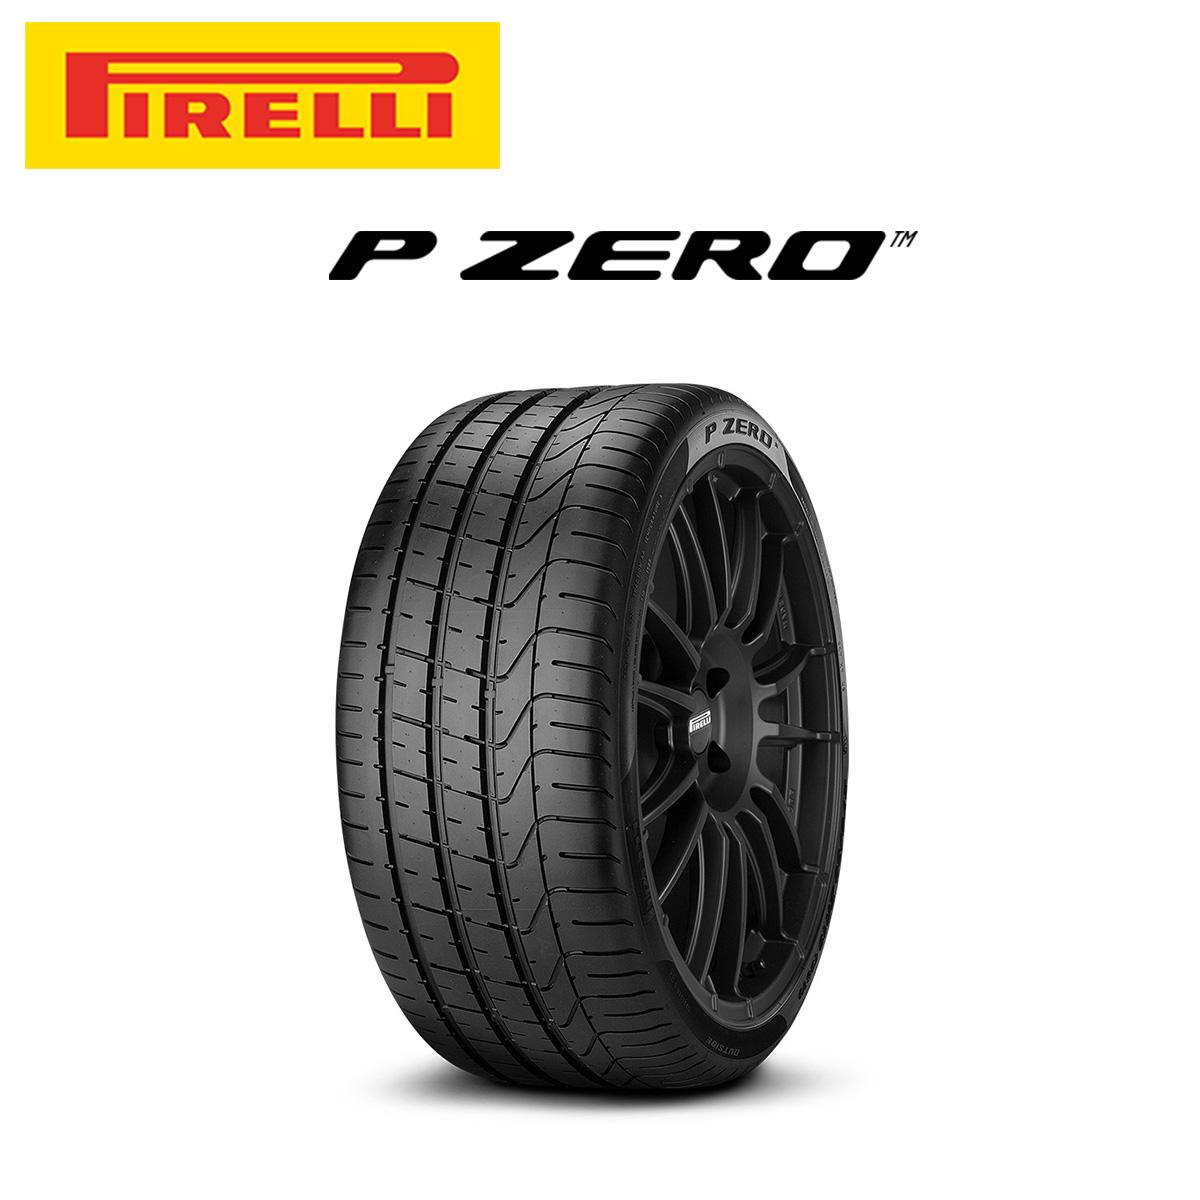 ピレリ PIRELLI P ZERO ピーゼロ 20インチ サマー タイヤ 4本 セット 285/35ZR20 100Y 1720000